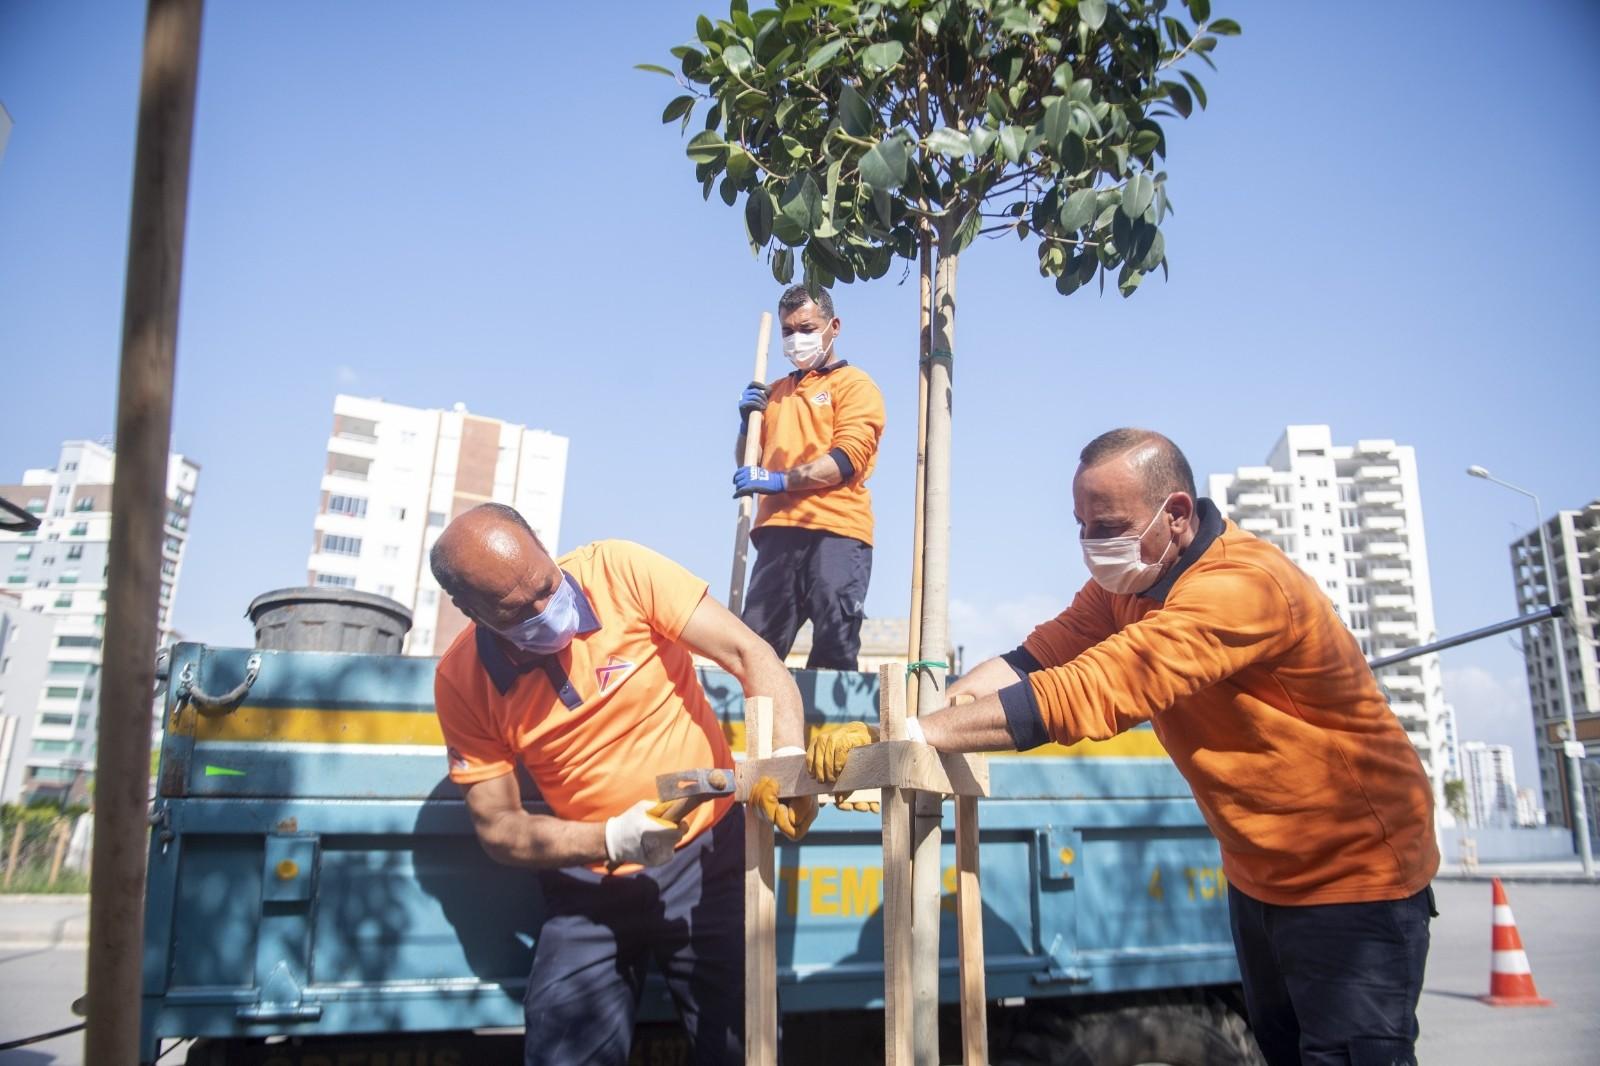 Büyükşehir Belediyesi, Toroslar'ın kaldırımlarına 175 ağaç fidanı dikti